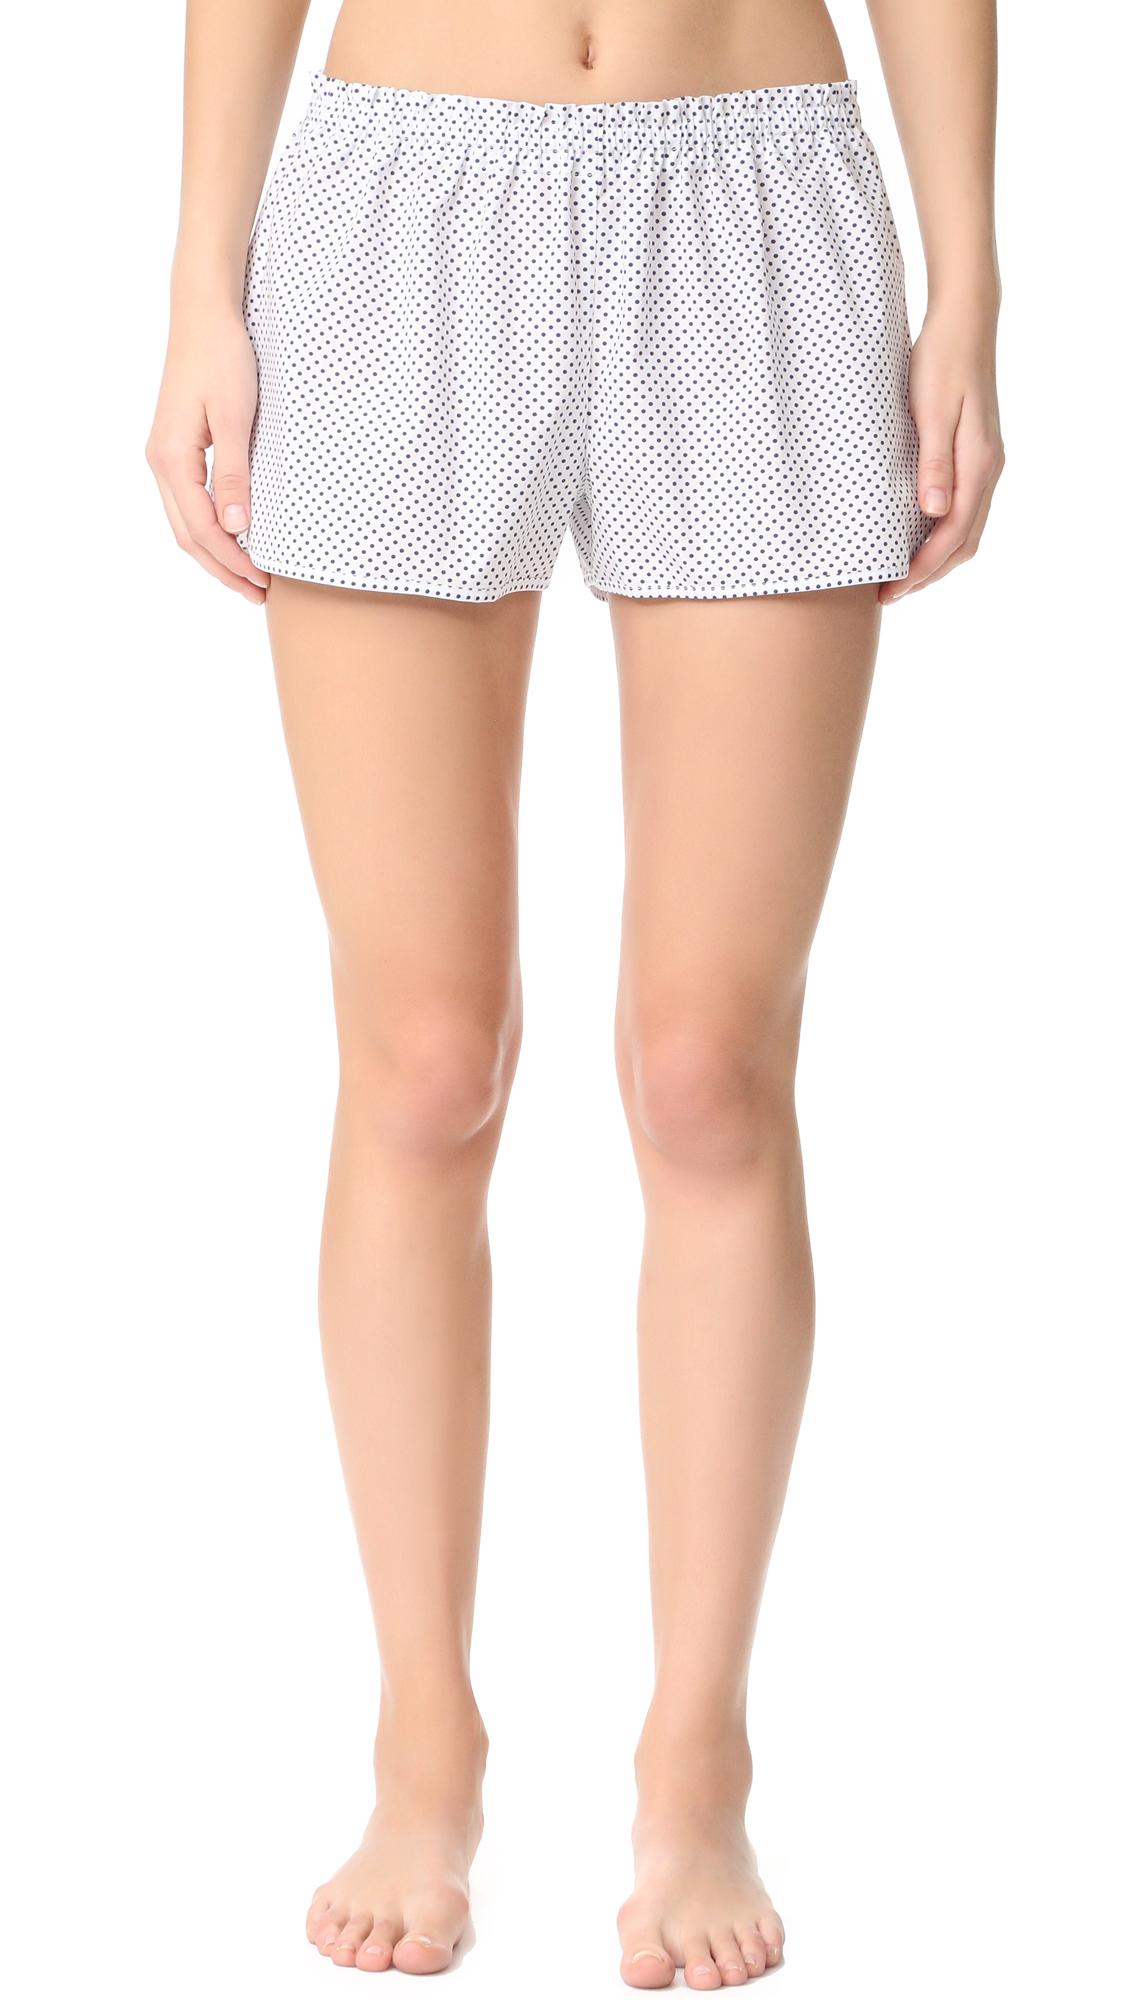 Alessandra Mackenzie Joey Shorts - White/Navy Dot at Shopbop